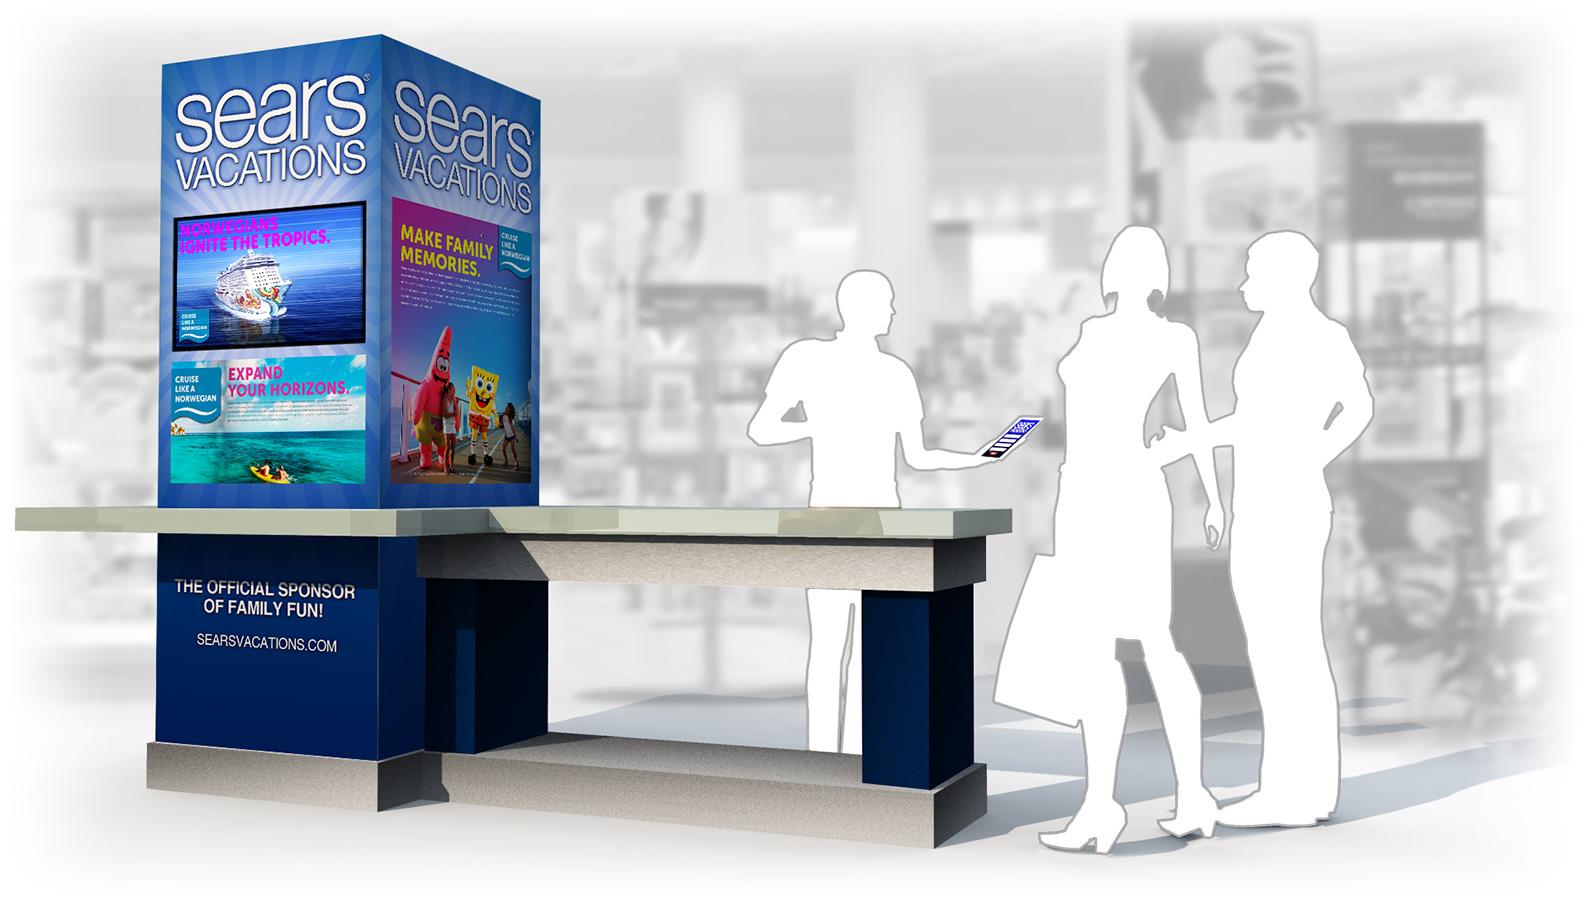 sv-in-store-kiosk